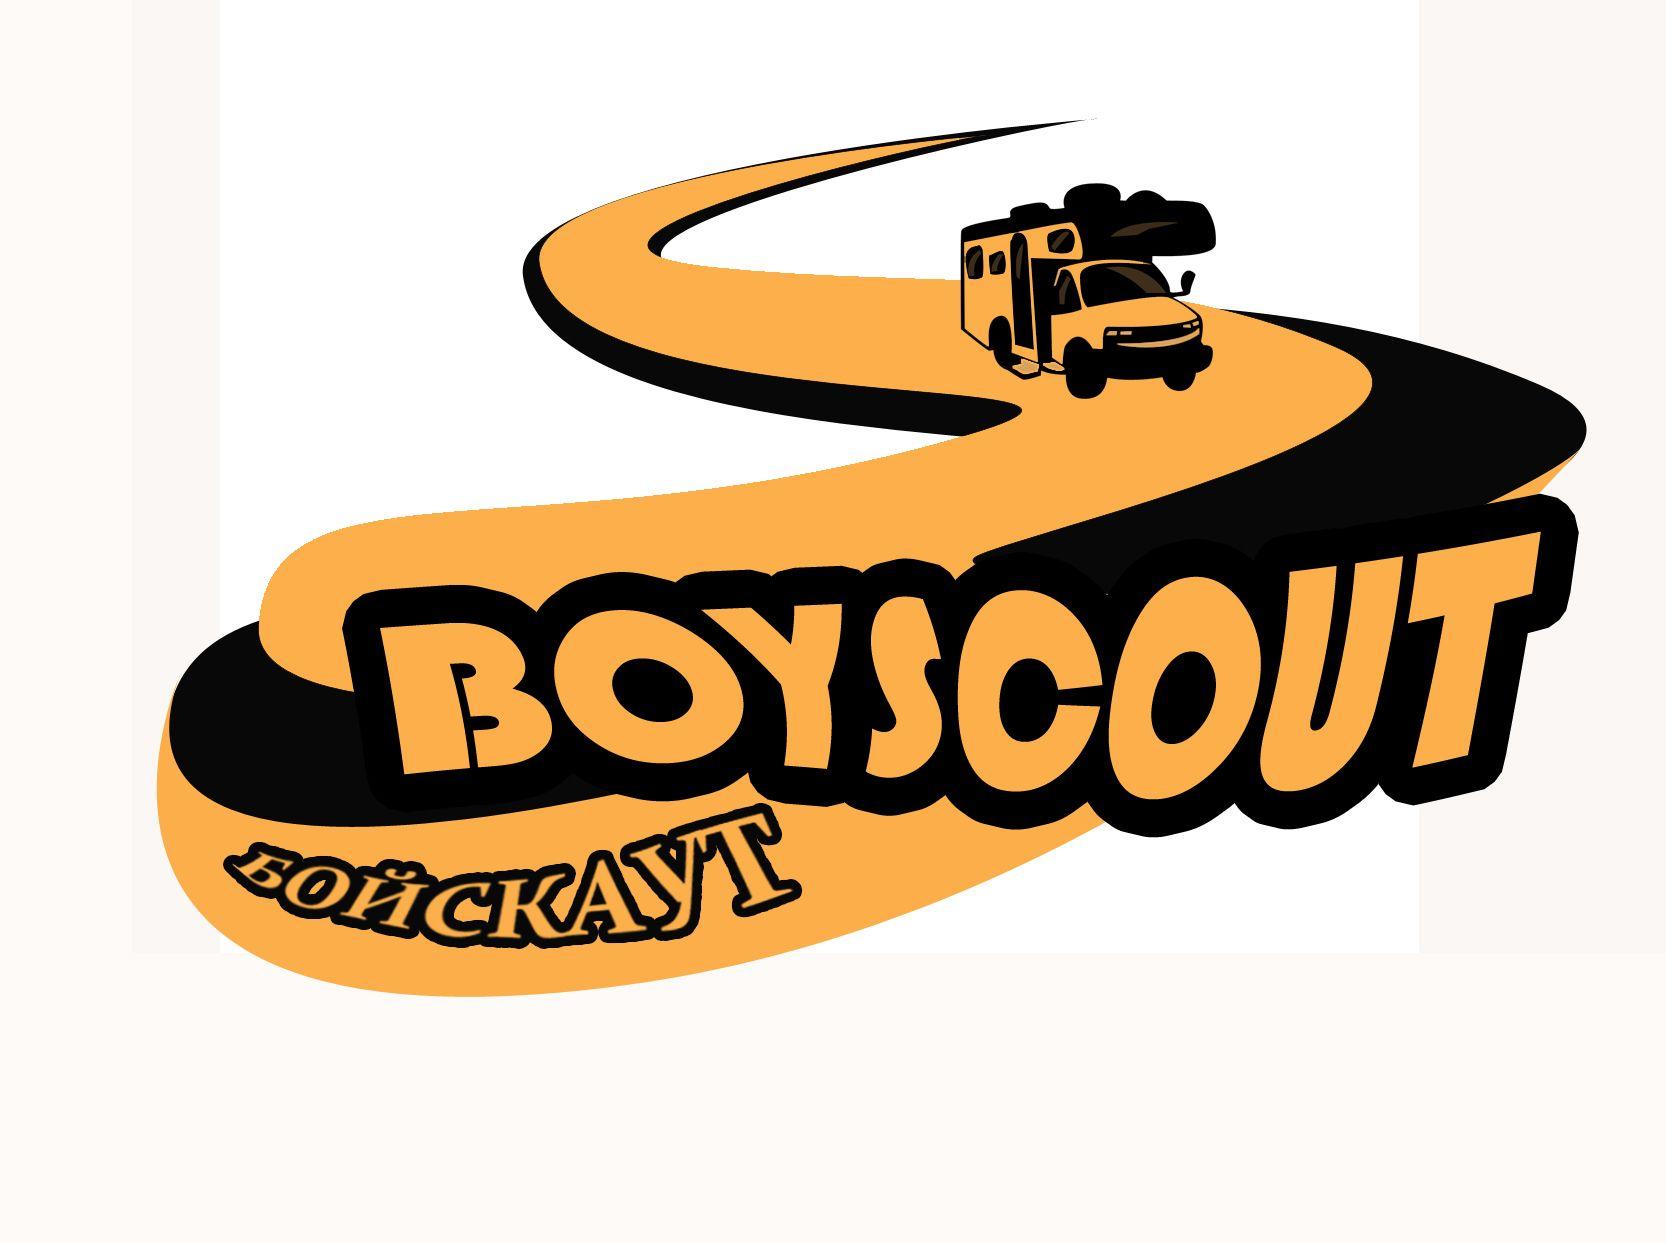 Логотип для сайта интернет-магазина BOY SCOUT - дизайнер Pani_Lita